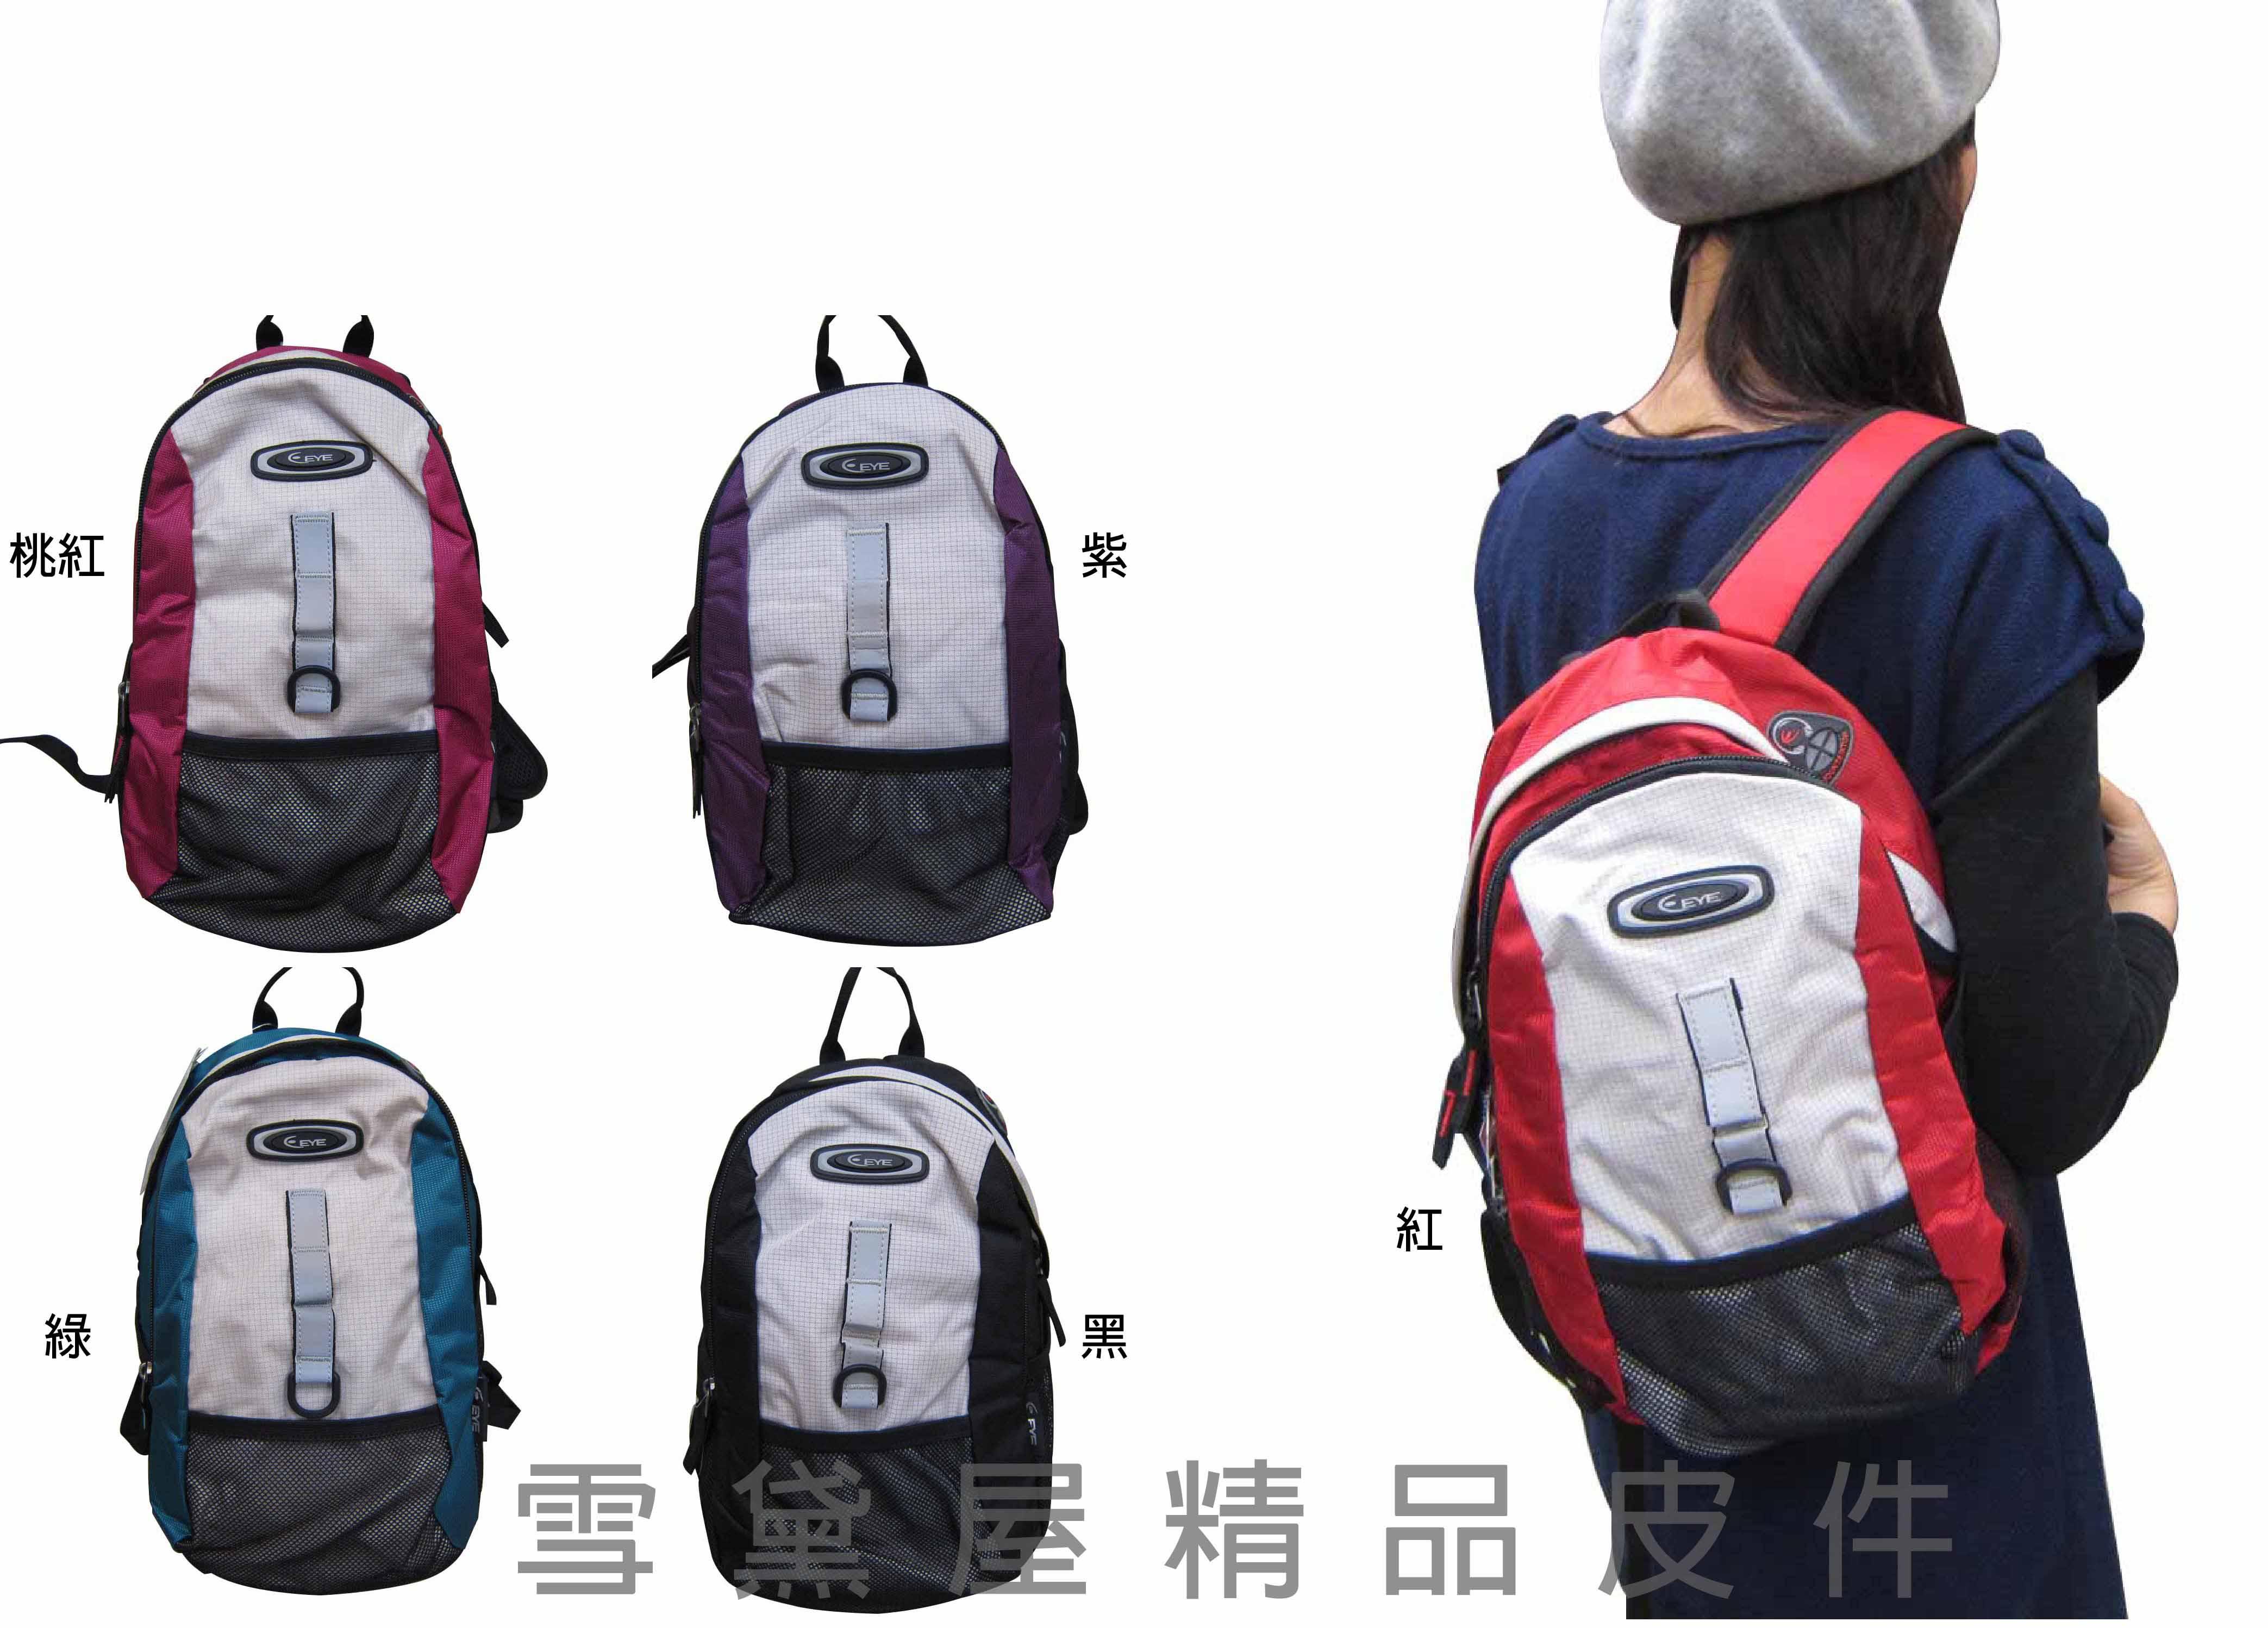 ~雪黛屋~EYE MOUNTAINTOP 小型登山後背包小容量大空間造型反光安全二層主袋超輕設計EYE710